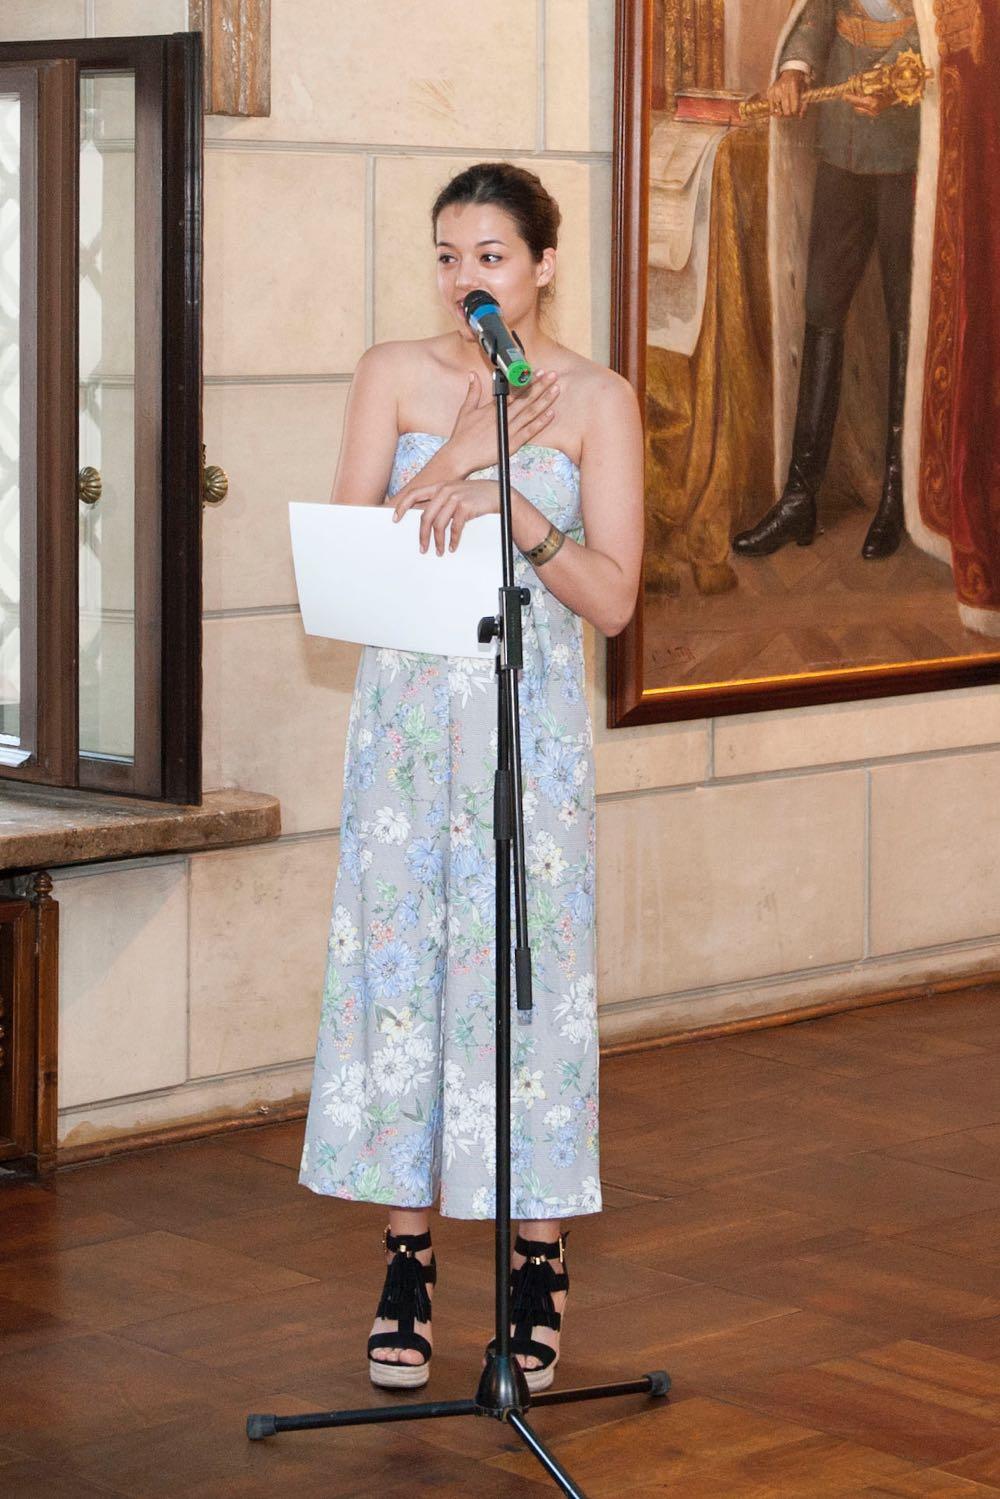 Principesa Mostenitoare Margareta la seara Palatului Elisabeta dedicata Festivalului International Grand Prix Nova 2iunie2017 ©Daniel Angelescu